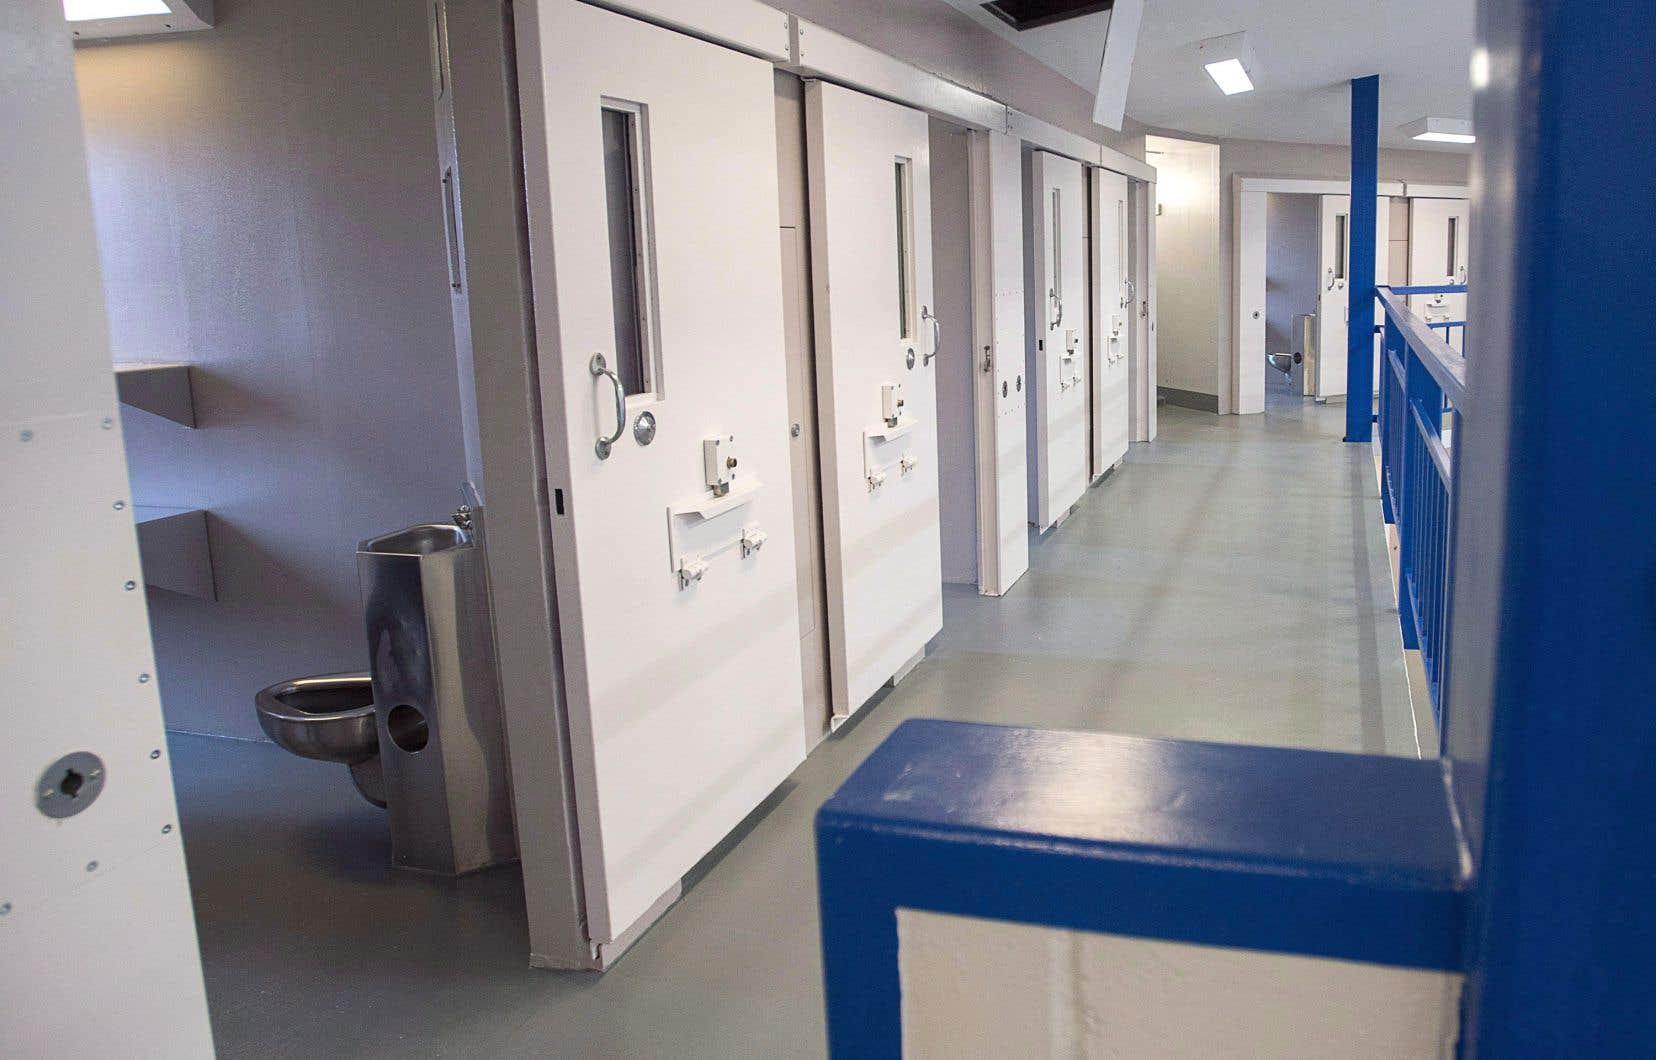 Environ la moitié des agents de libération conditionnelle fédéraux travaillent dans des pénitenciers et des établissements correctionnels.